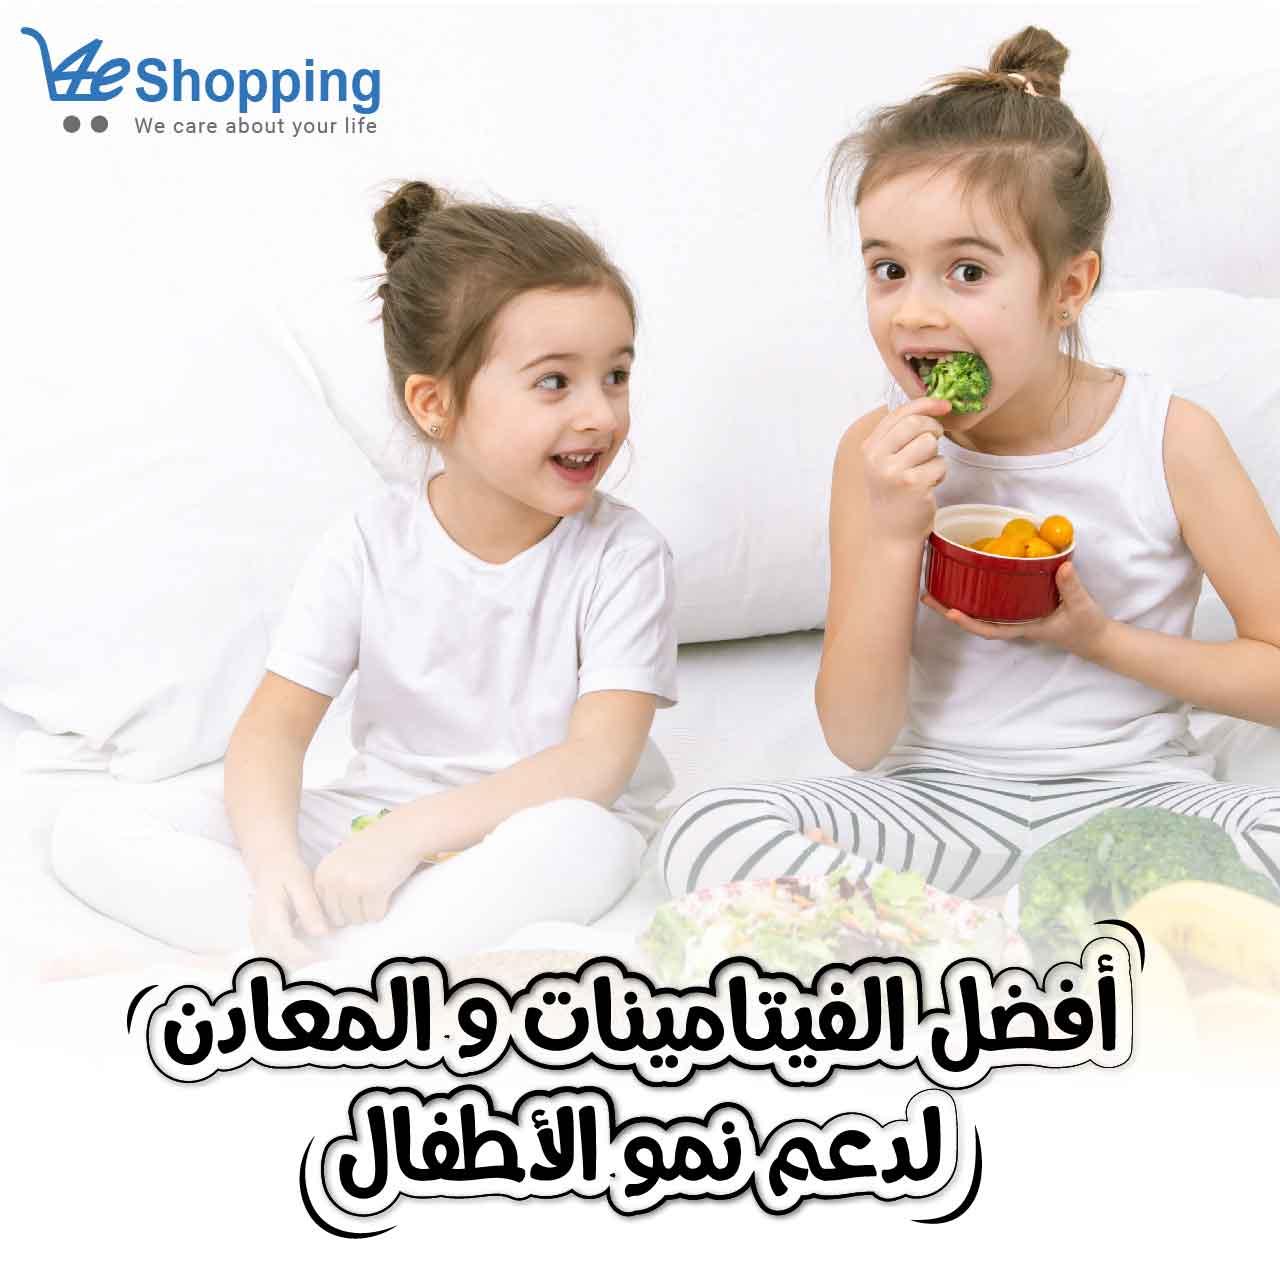 أفضل الفيتامينات والمعادن لنمو الأطفال